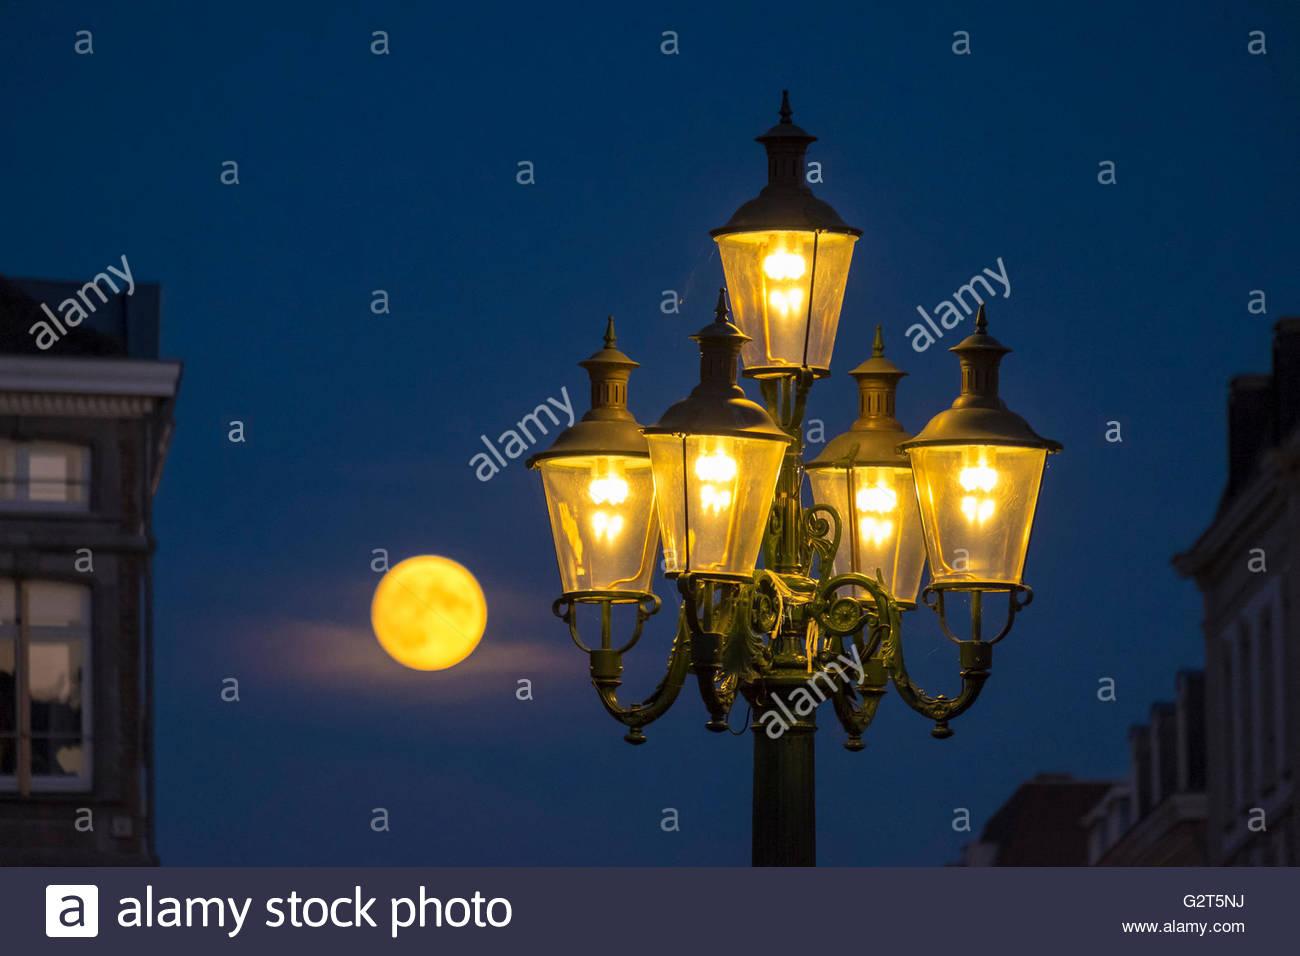 Pleine lune derrière un lampadaire, Maastricht, Limbourg, Pays-Bas Photo Stock